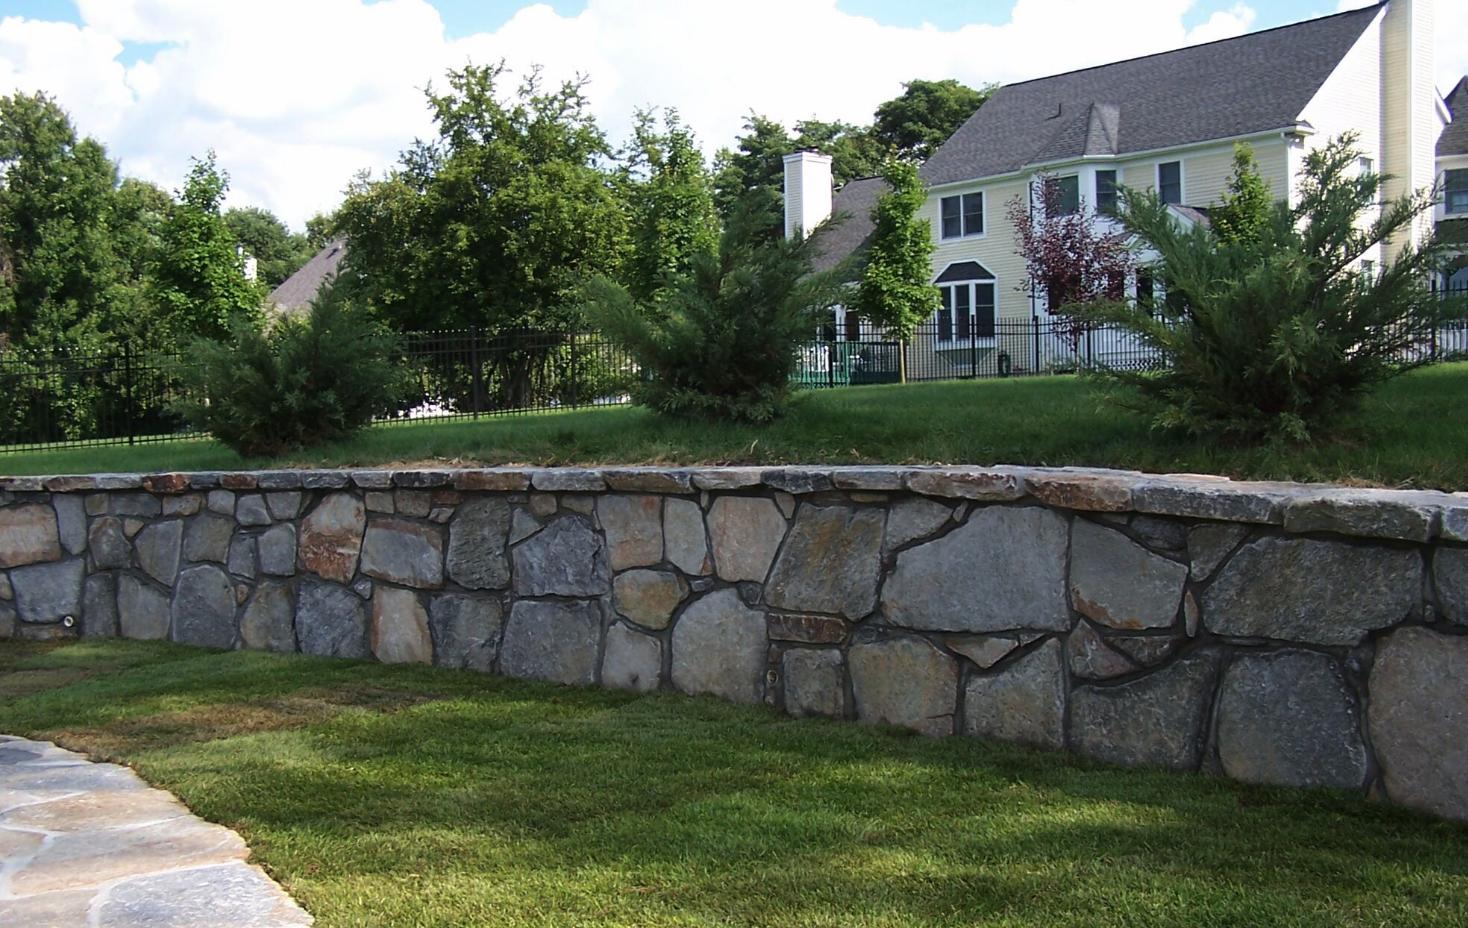 Westchester County, NY custom masonry retaining wall